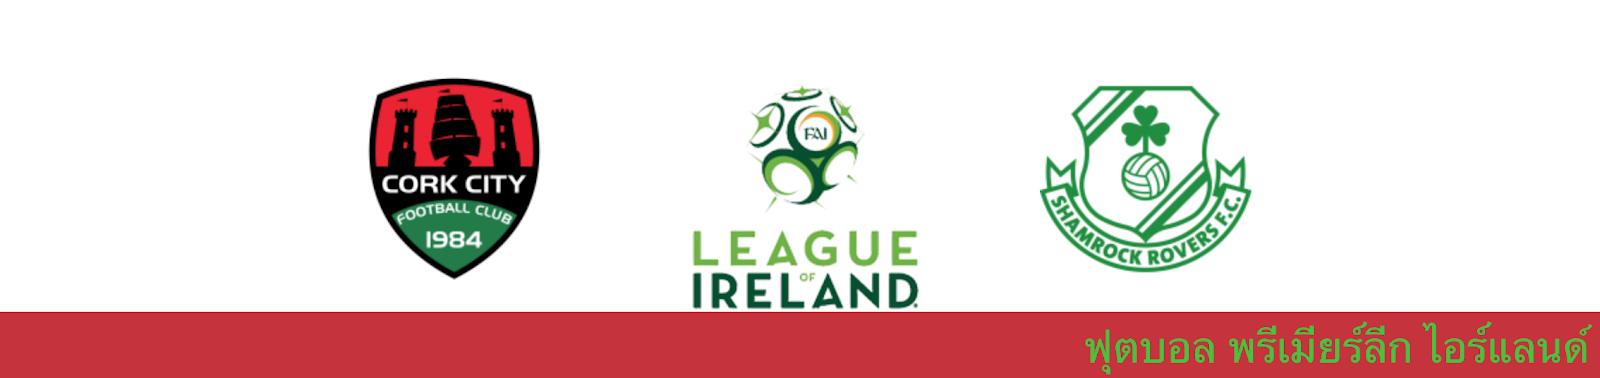 ผลบอล วิเคราะห์บอล ไอร์แลนด์ พรีเมียร์ลีก คอร์ก ซิตี้ vs แชมร็อค โรเวอร์ส